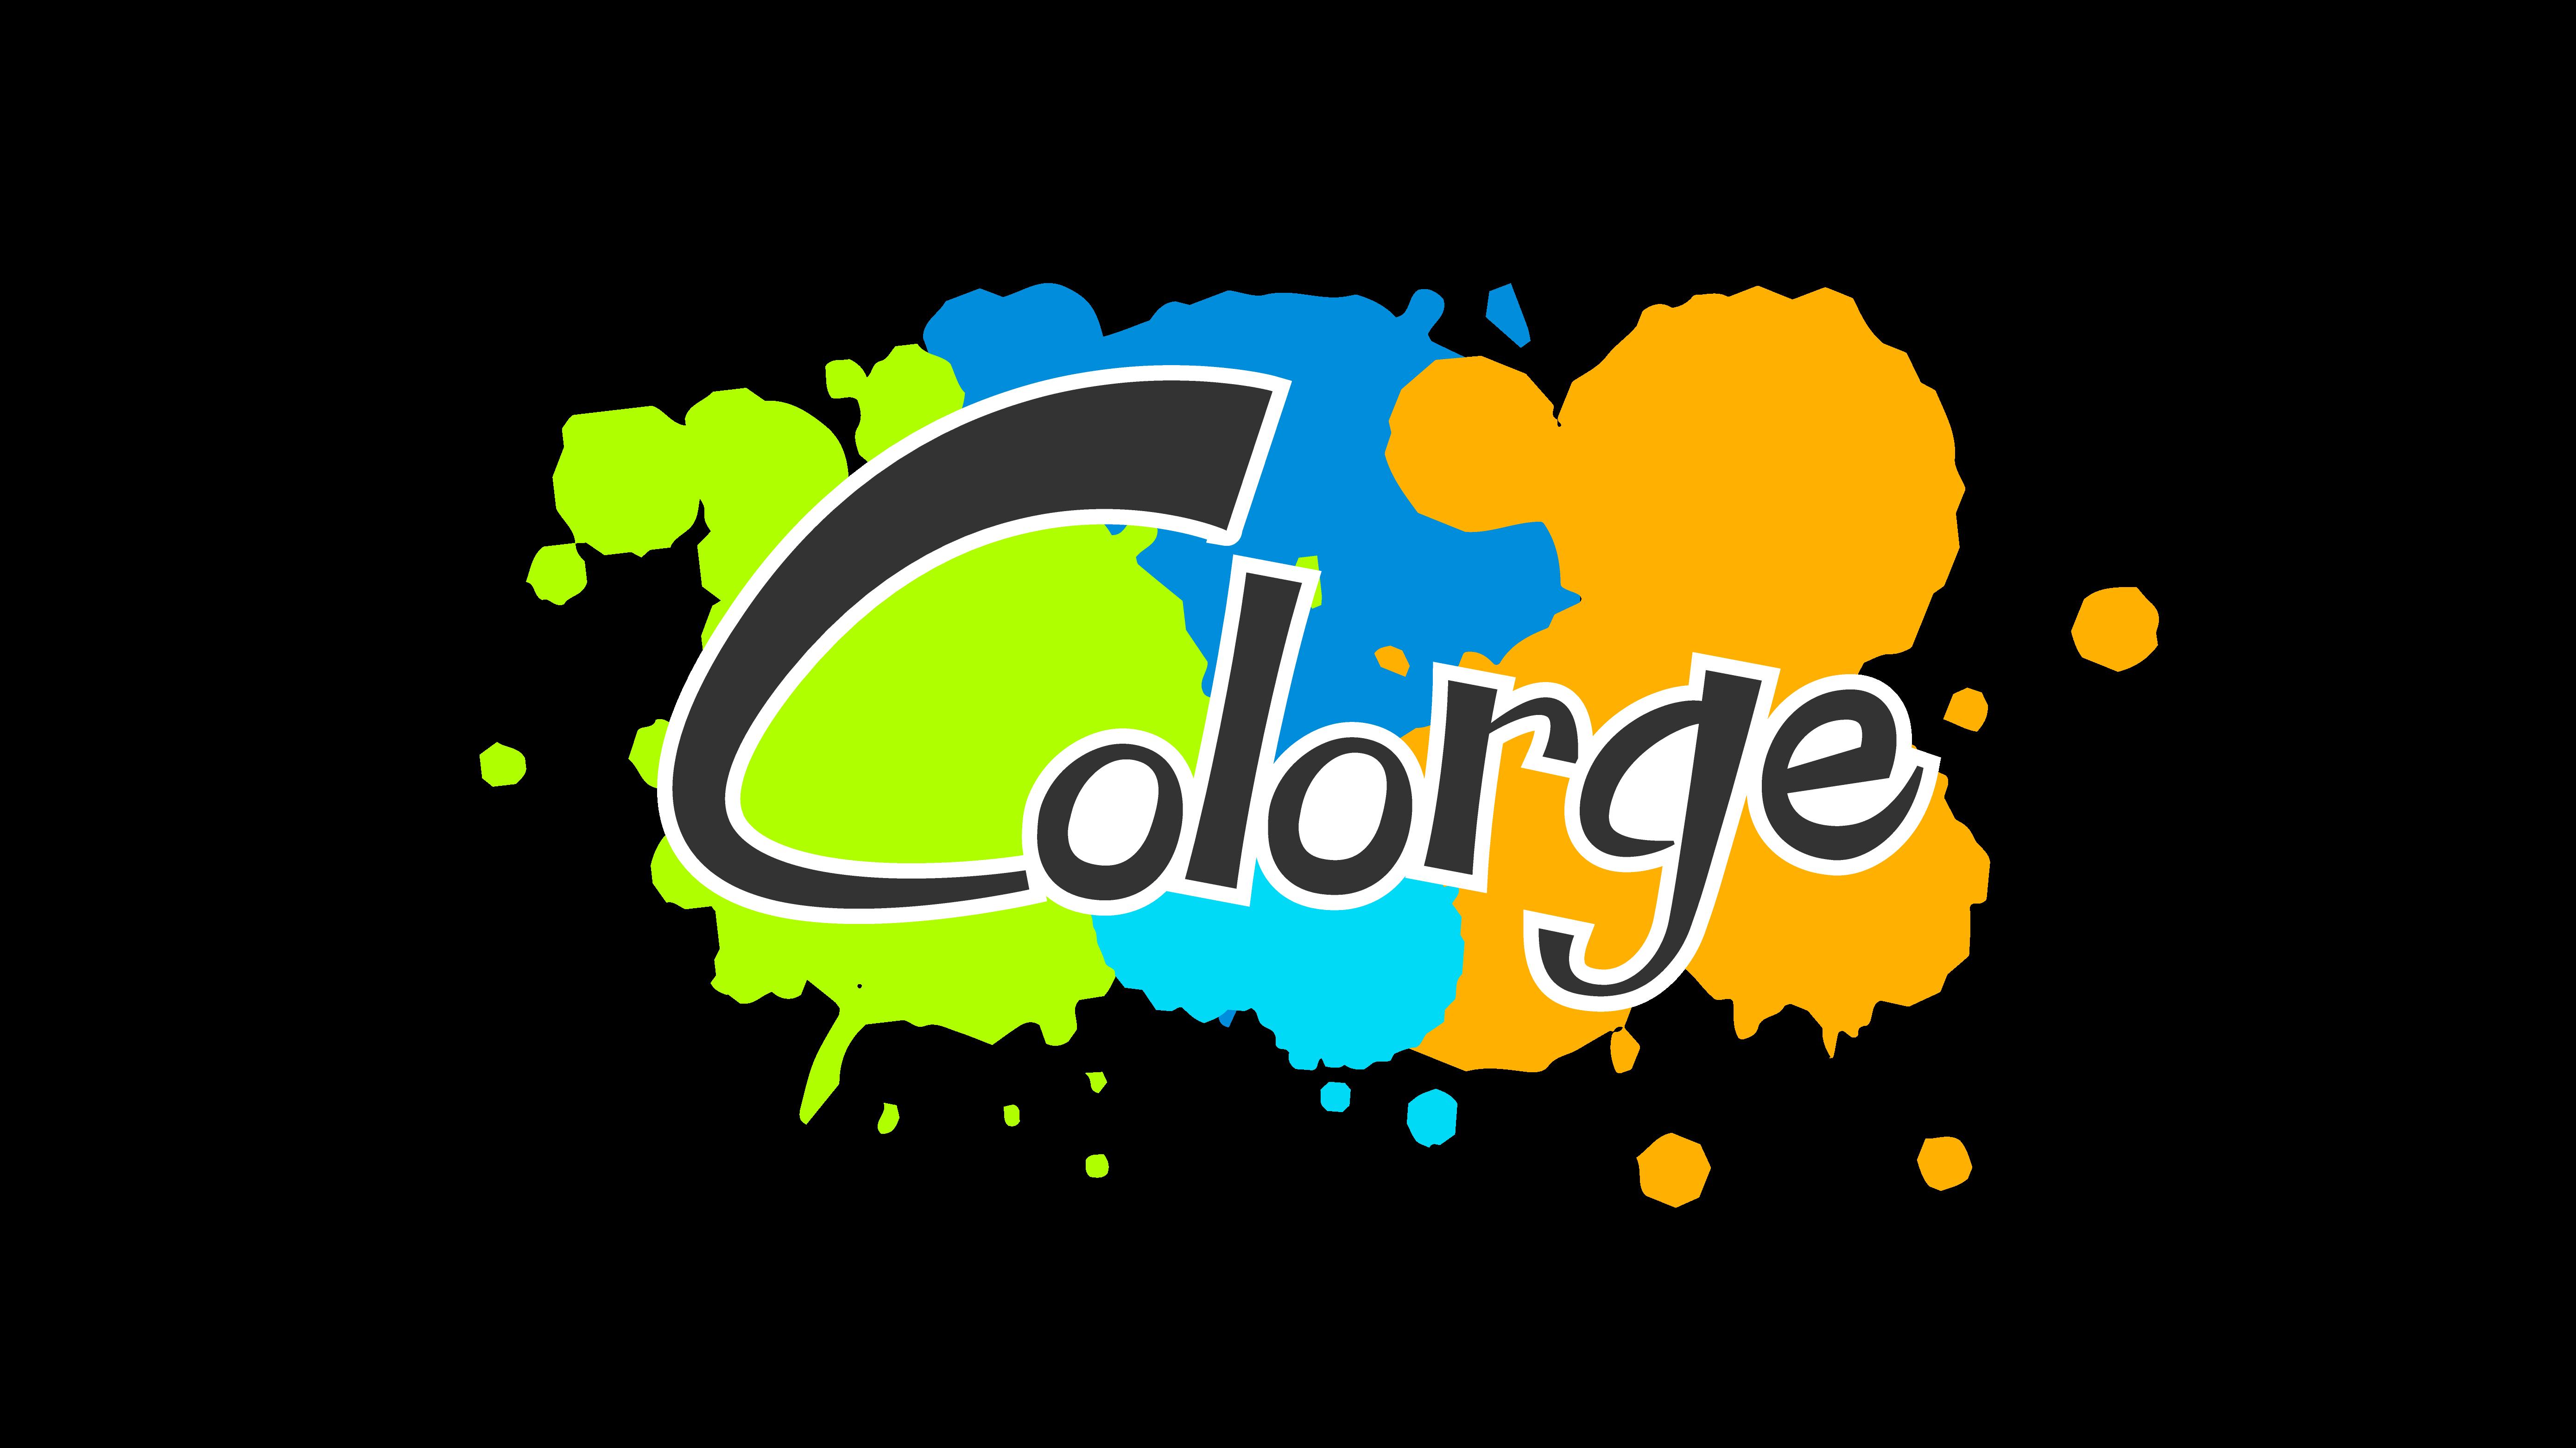 Colorge